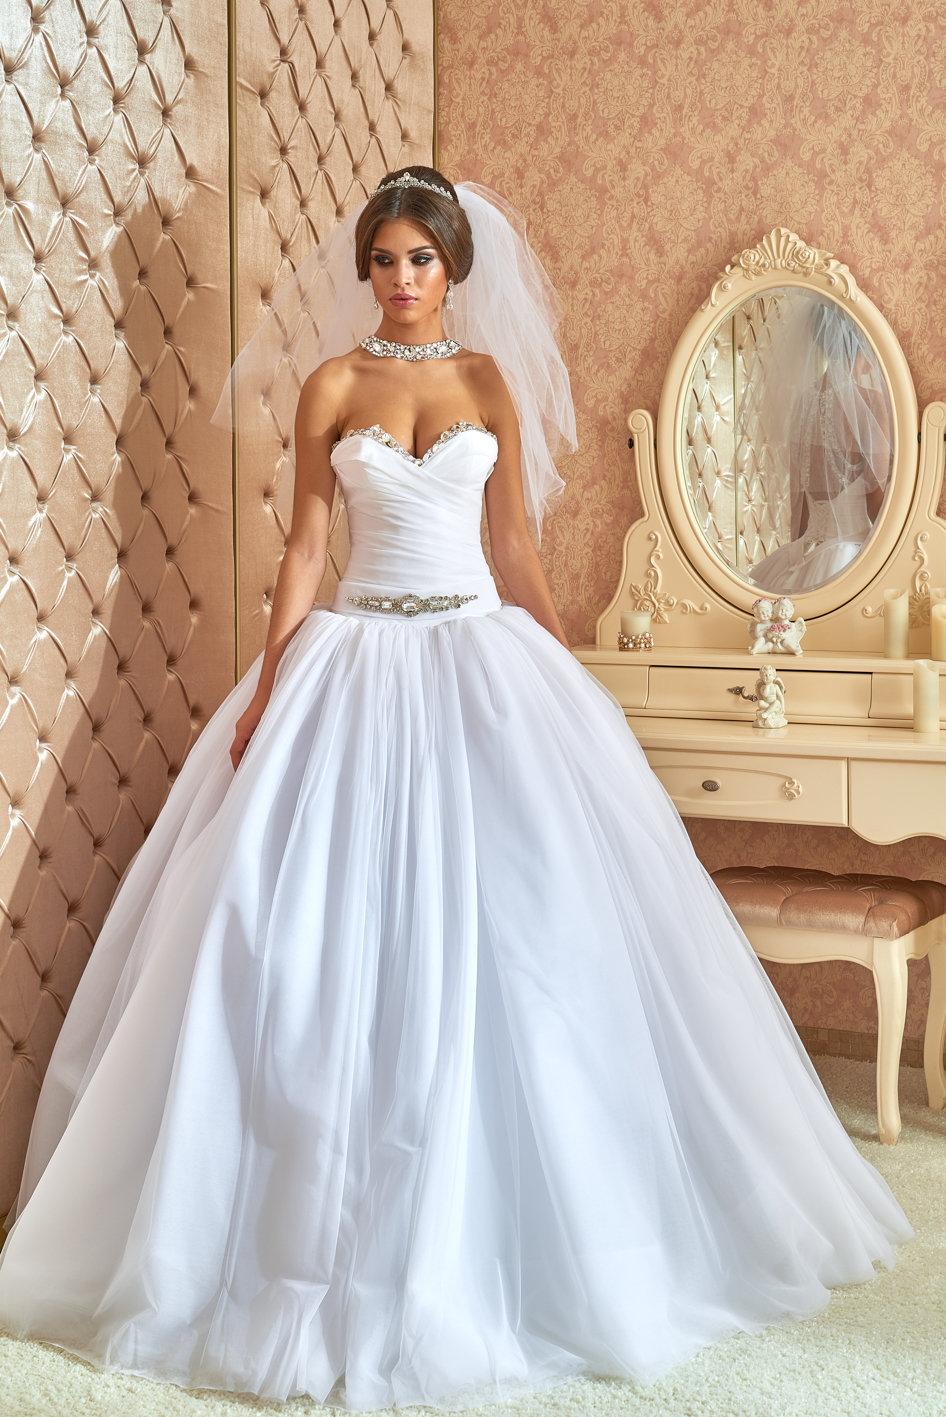 a25ed71ca499dd6 Пышное свадебное платье с камнями Свадебные платья со стразами камнями  Сваровски Swarovski Rozy ... Пышное свадебное платье с камнями